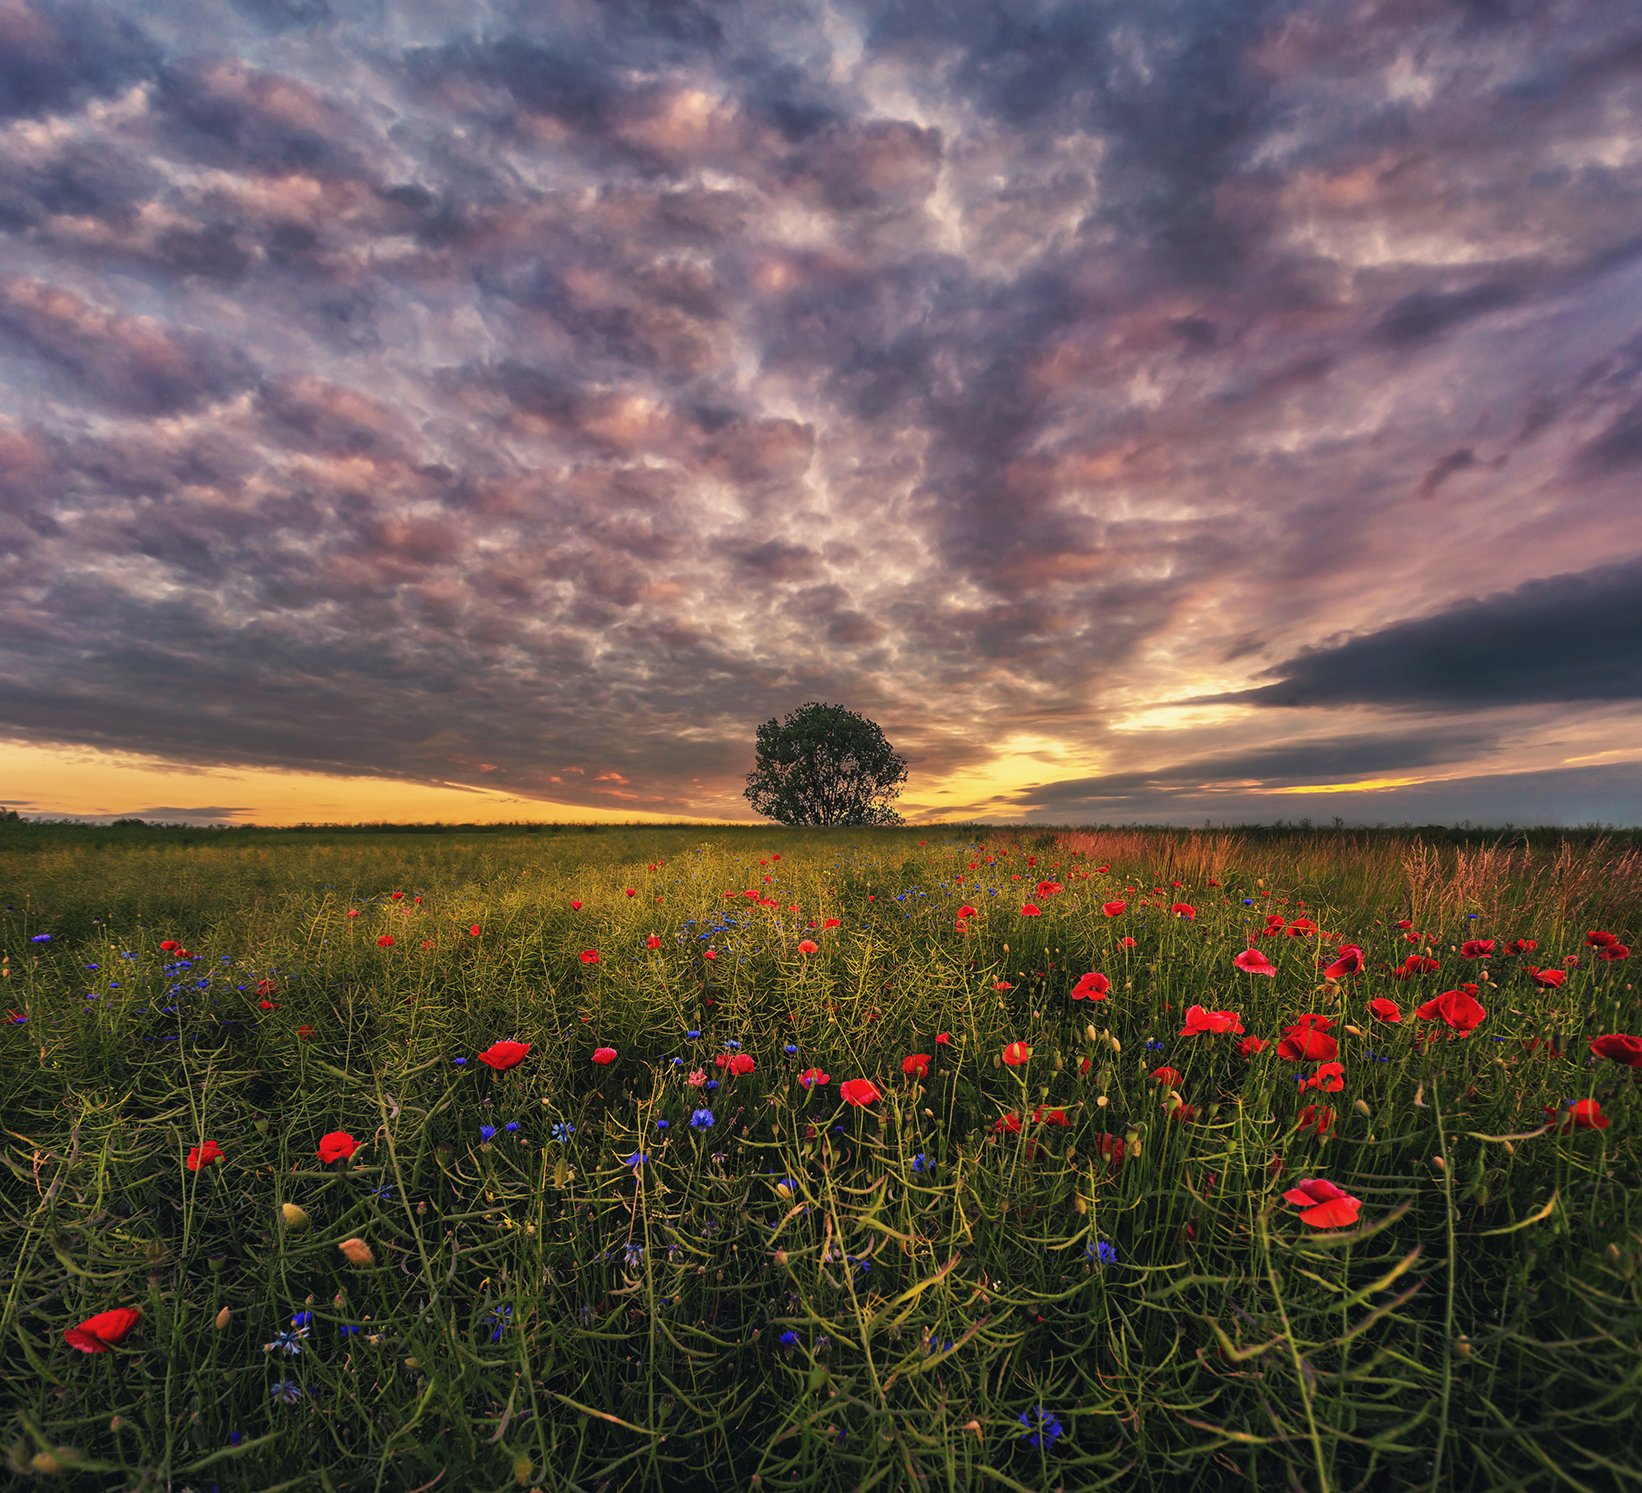 poppy, field, sunset, sunrise, Poland, sky, clouds, tree, landscape, Patrycja